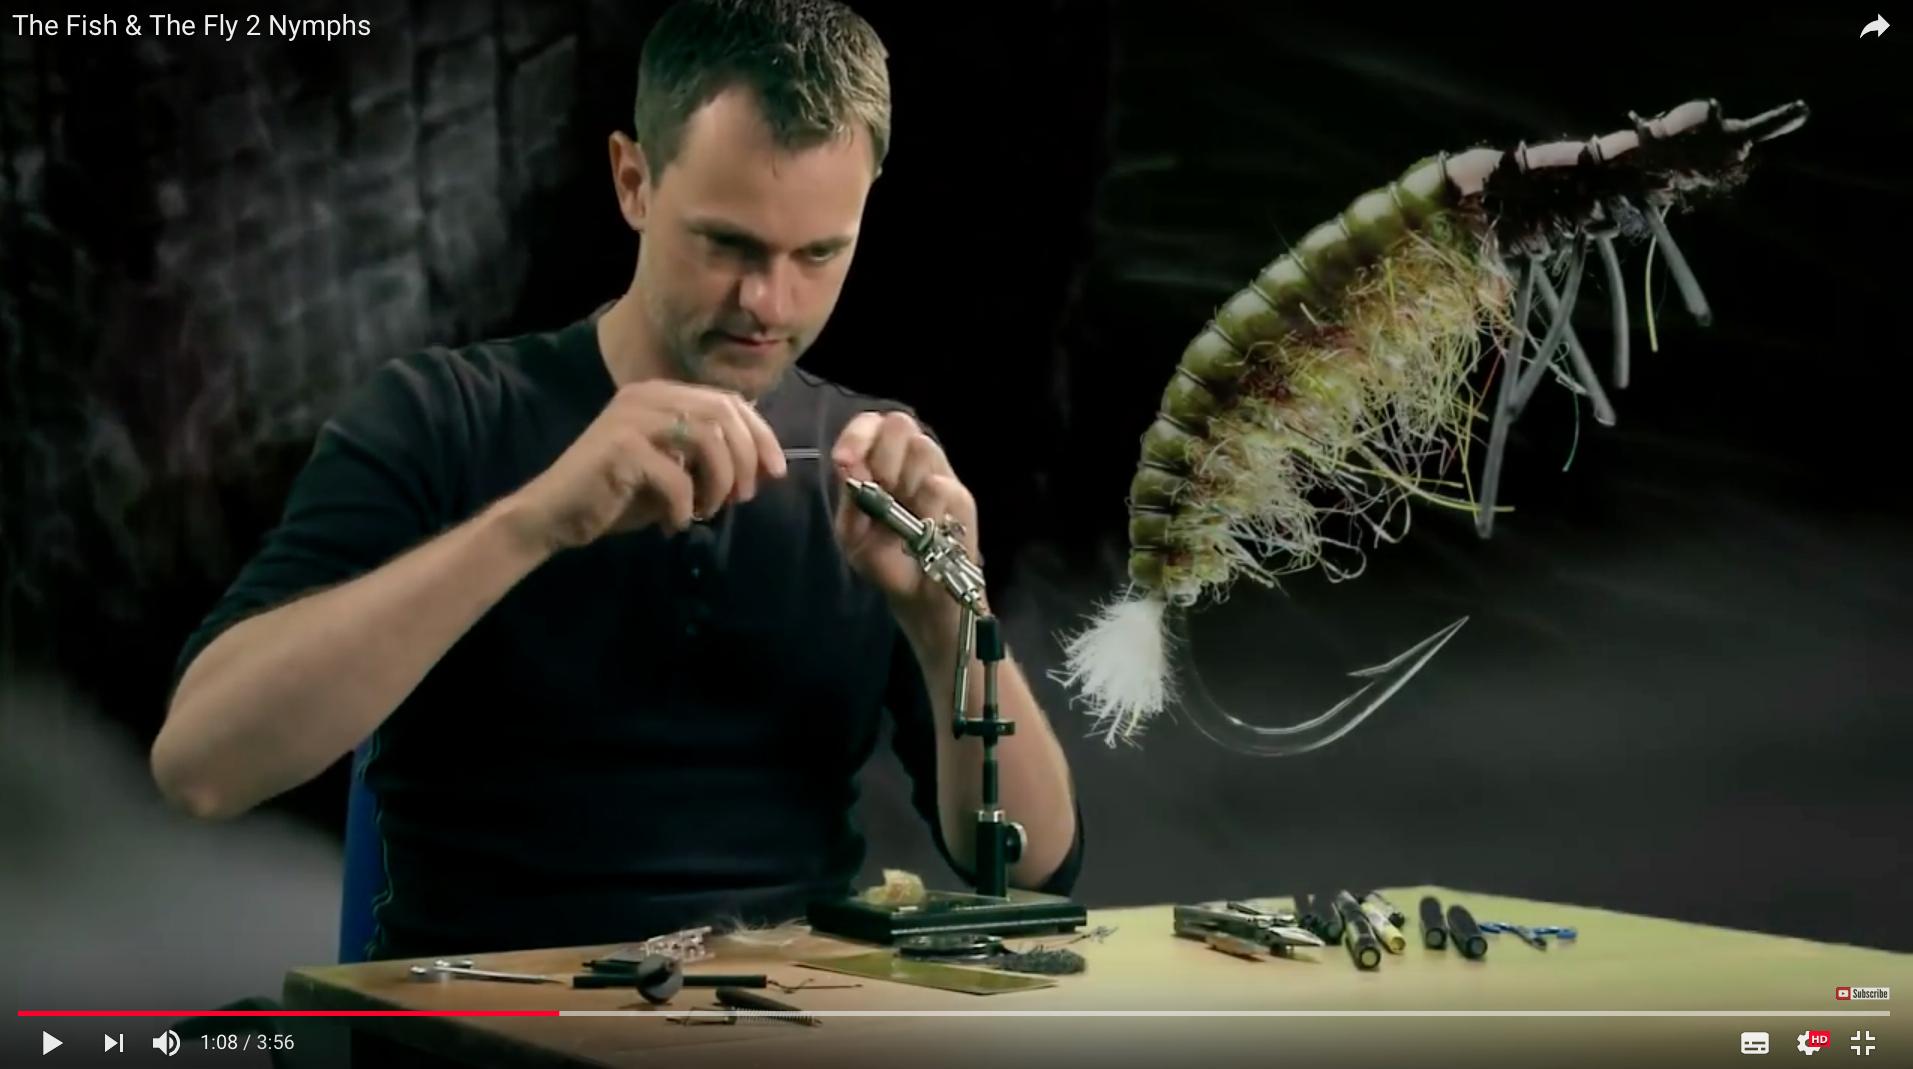 Auf der DVD, die der aktuellen Ausgabe von Fliegenfischen beiliegt, geht es nicht nur um das Nymphenfischen – es werden auch fängige Nymphen gebunden!